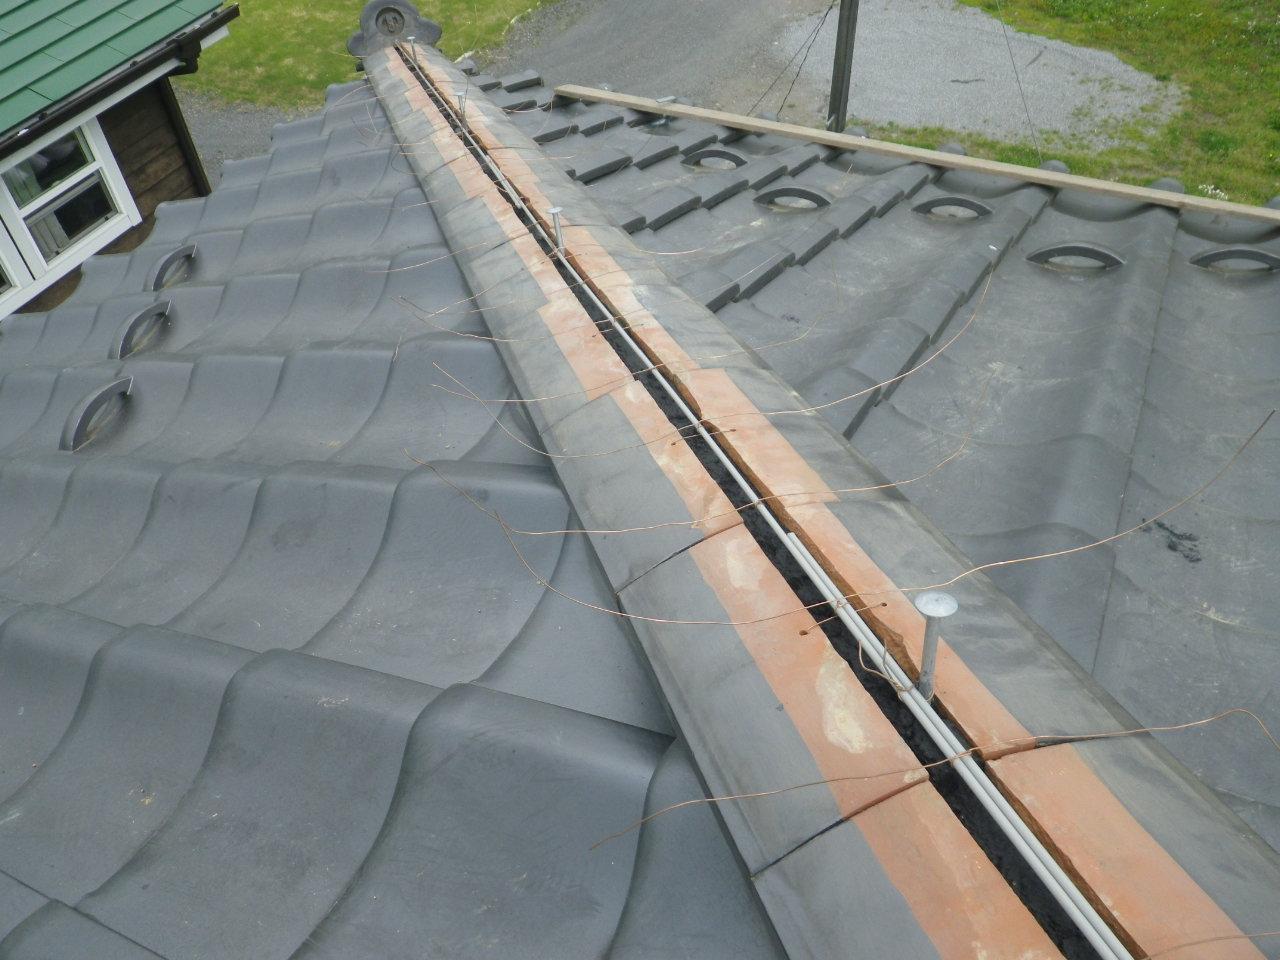 隅棟の積直し工事と、銅製谷に専用皮膜剤塗布を行います。inさくら市